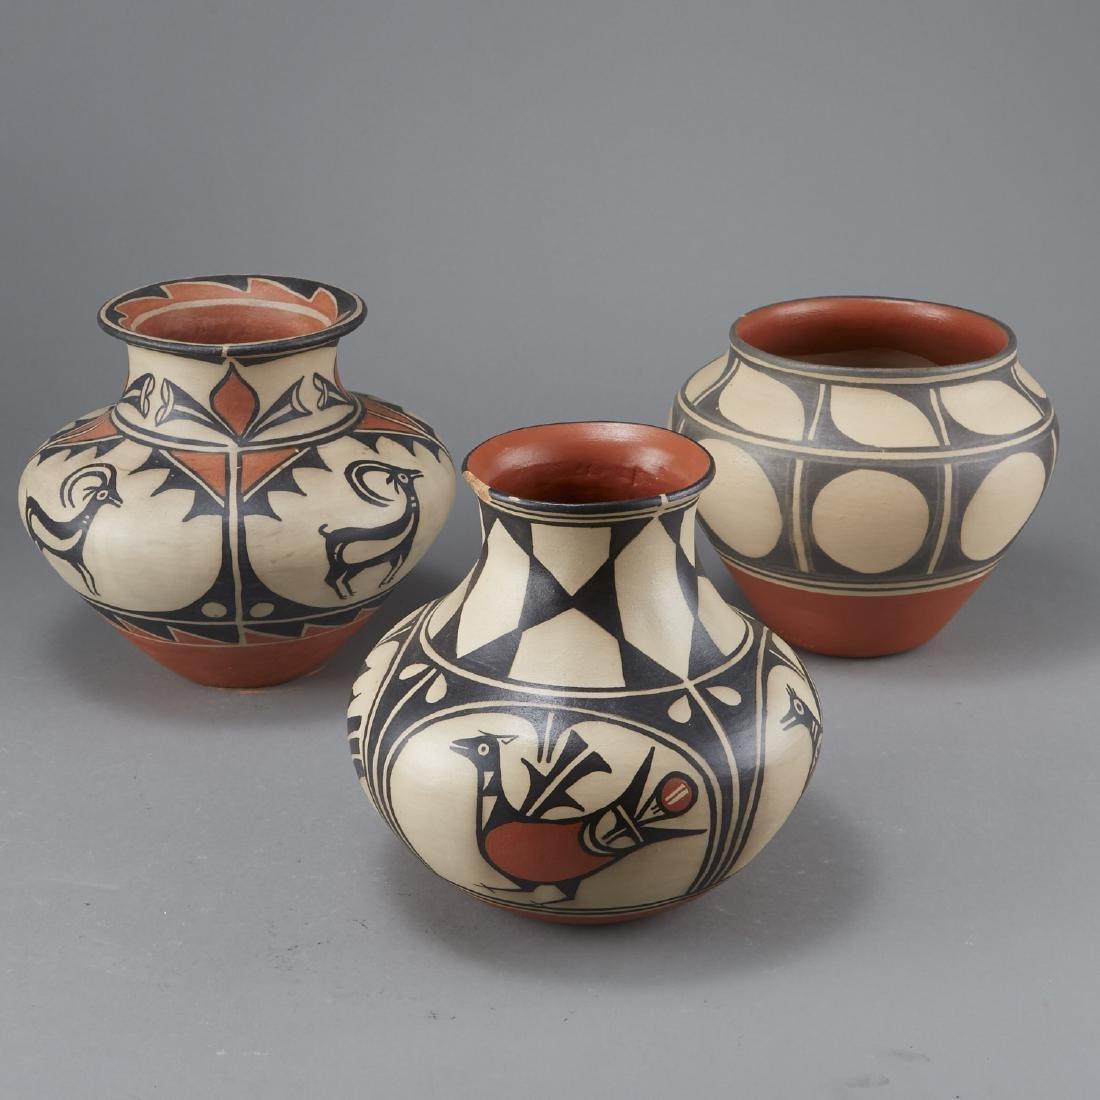 3 Tenorio Kewa Santo Domingo Pottery Jars - 3